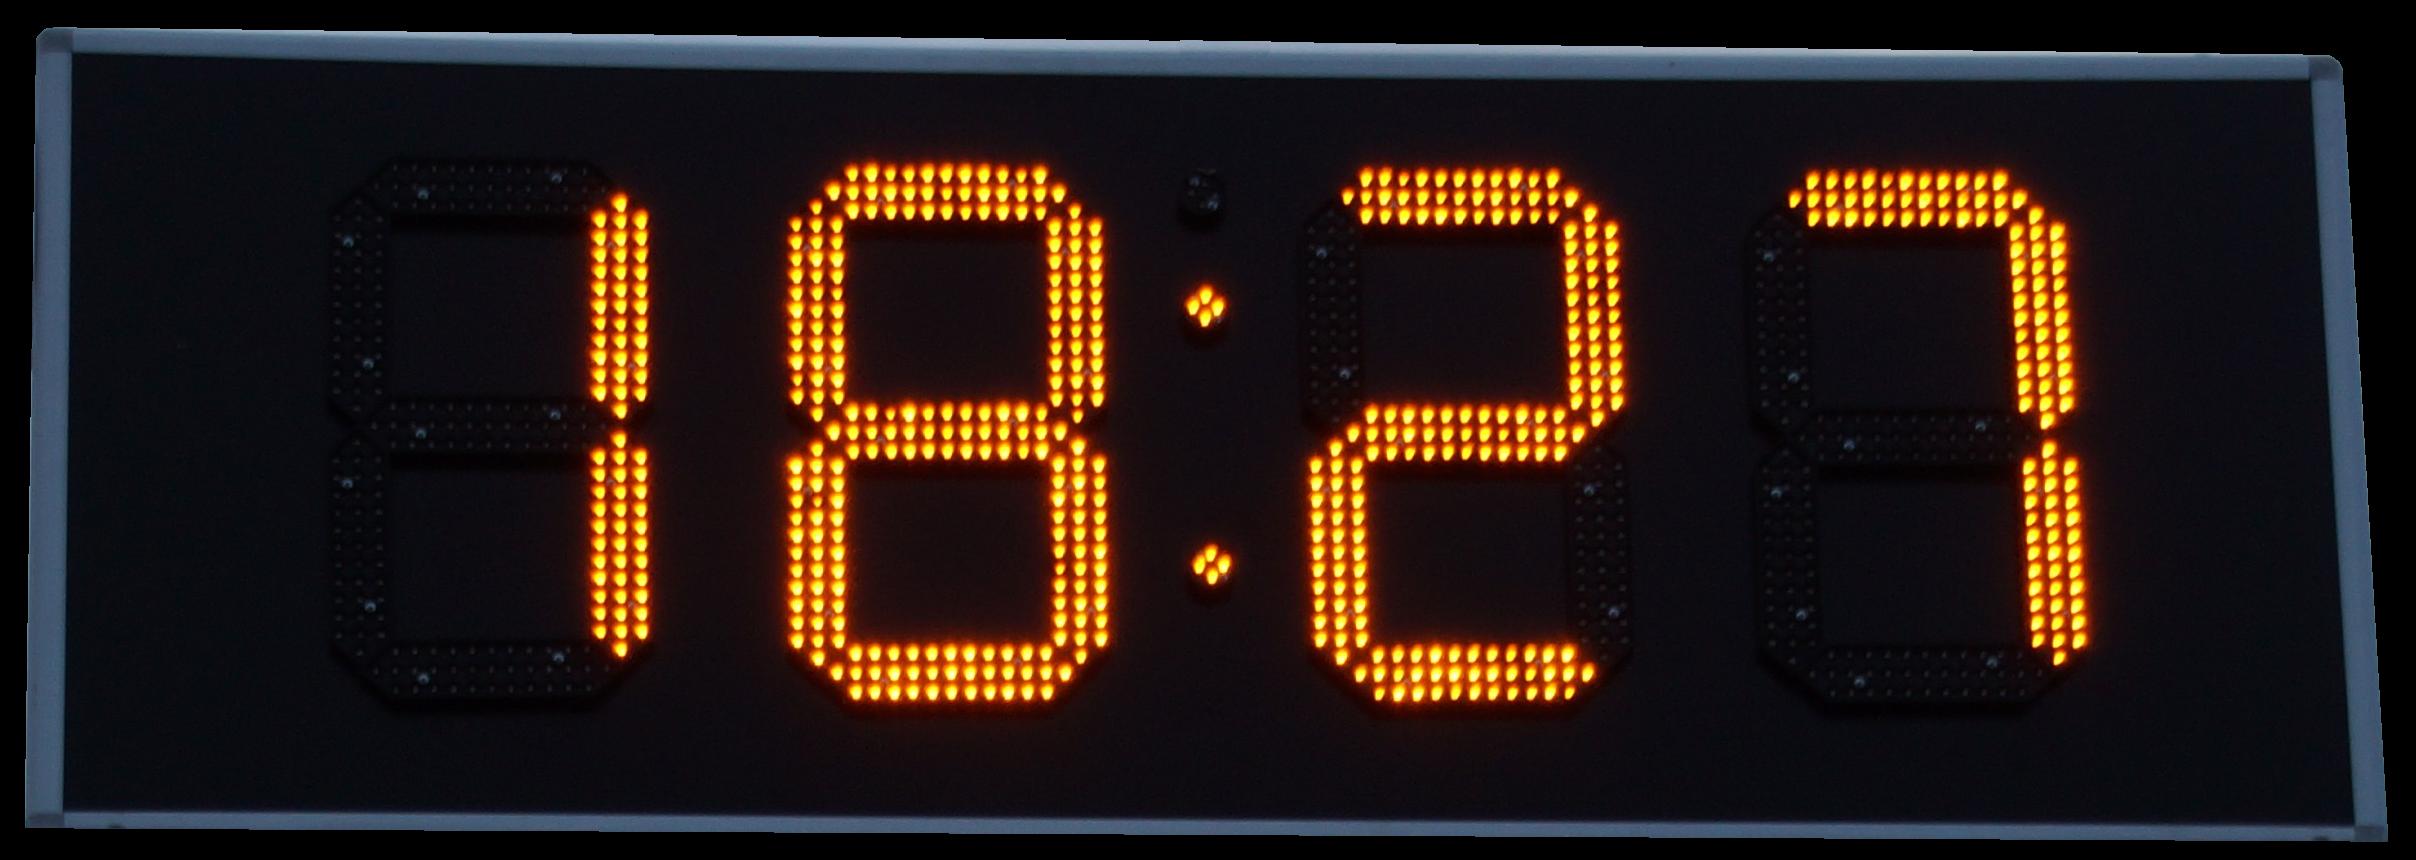 LED-Uhr-41-cm Elegantes Uhr Mit Temperaturanzeige Dekorationen